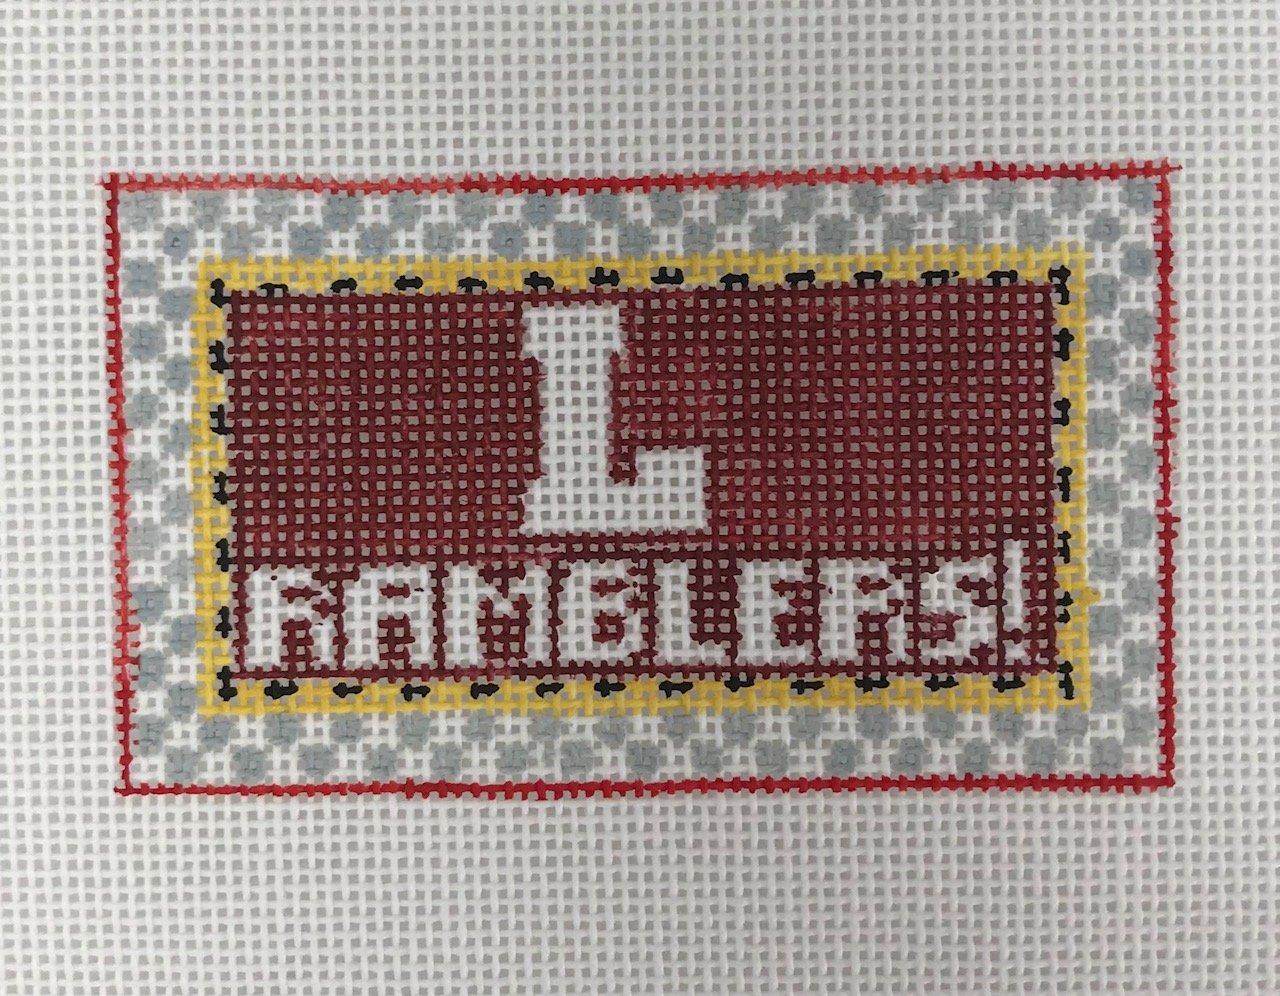 Loyola University Ramblers Tiny Teams